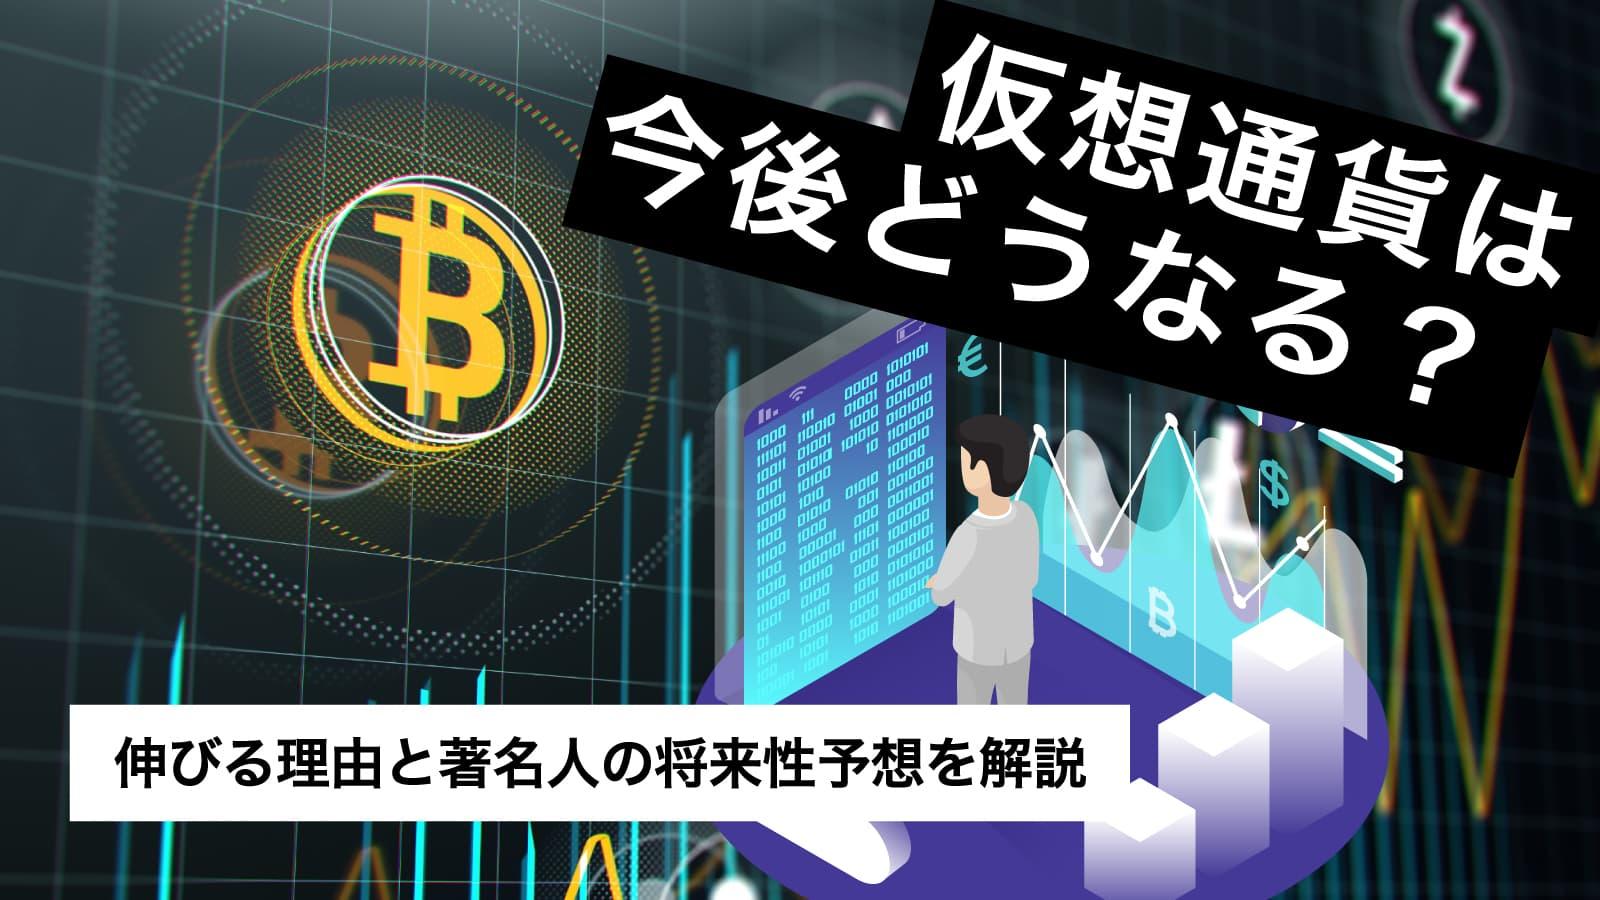 仮想通貨は今後どうなる?伸びる理由と著名人の将来性予想を解説【2020年版】